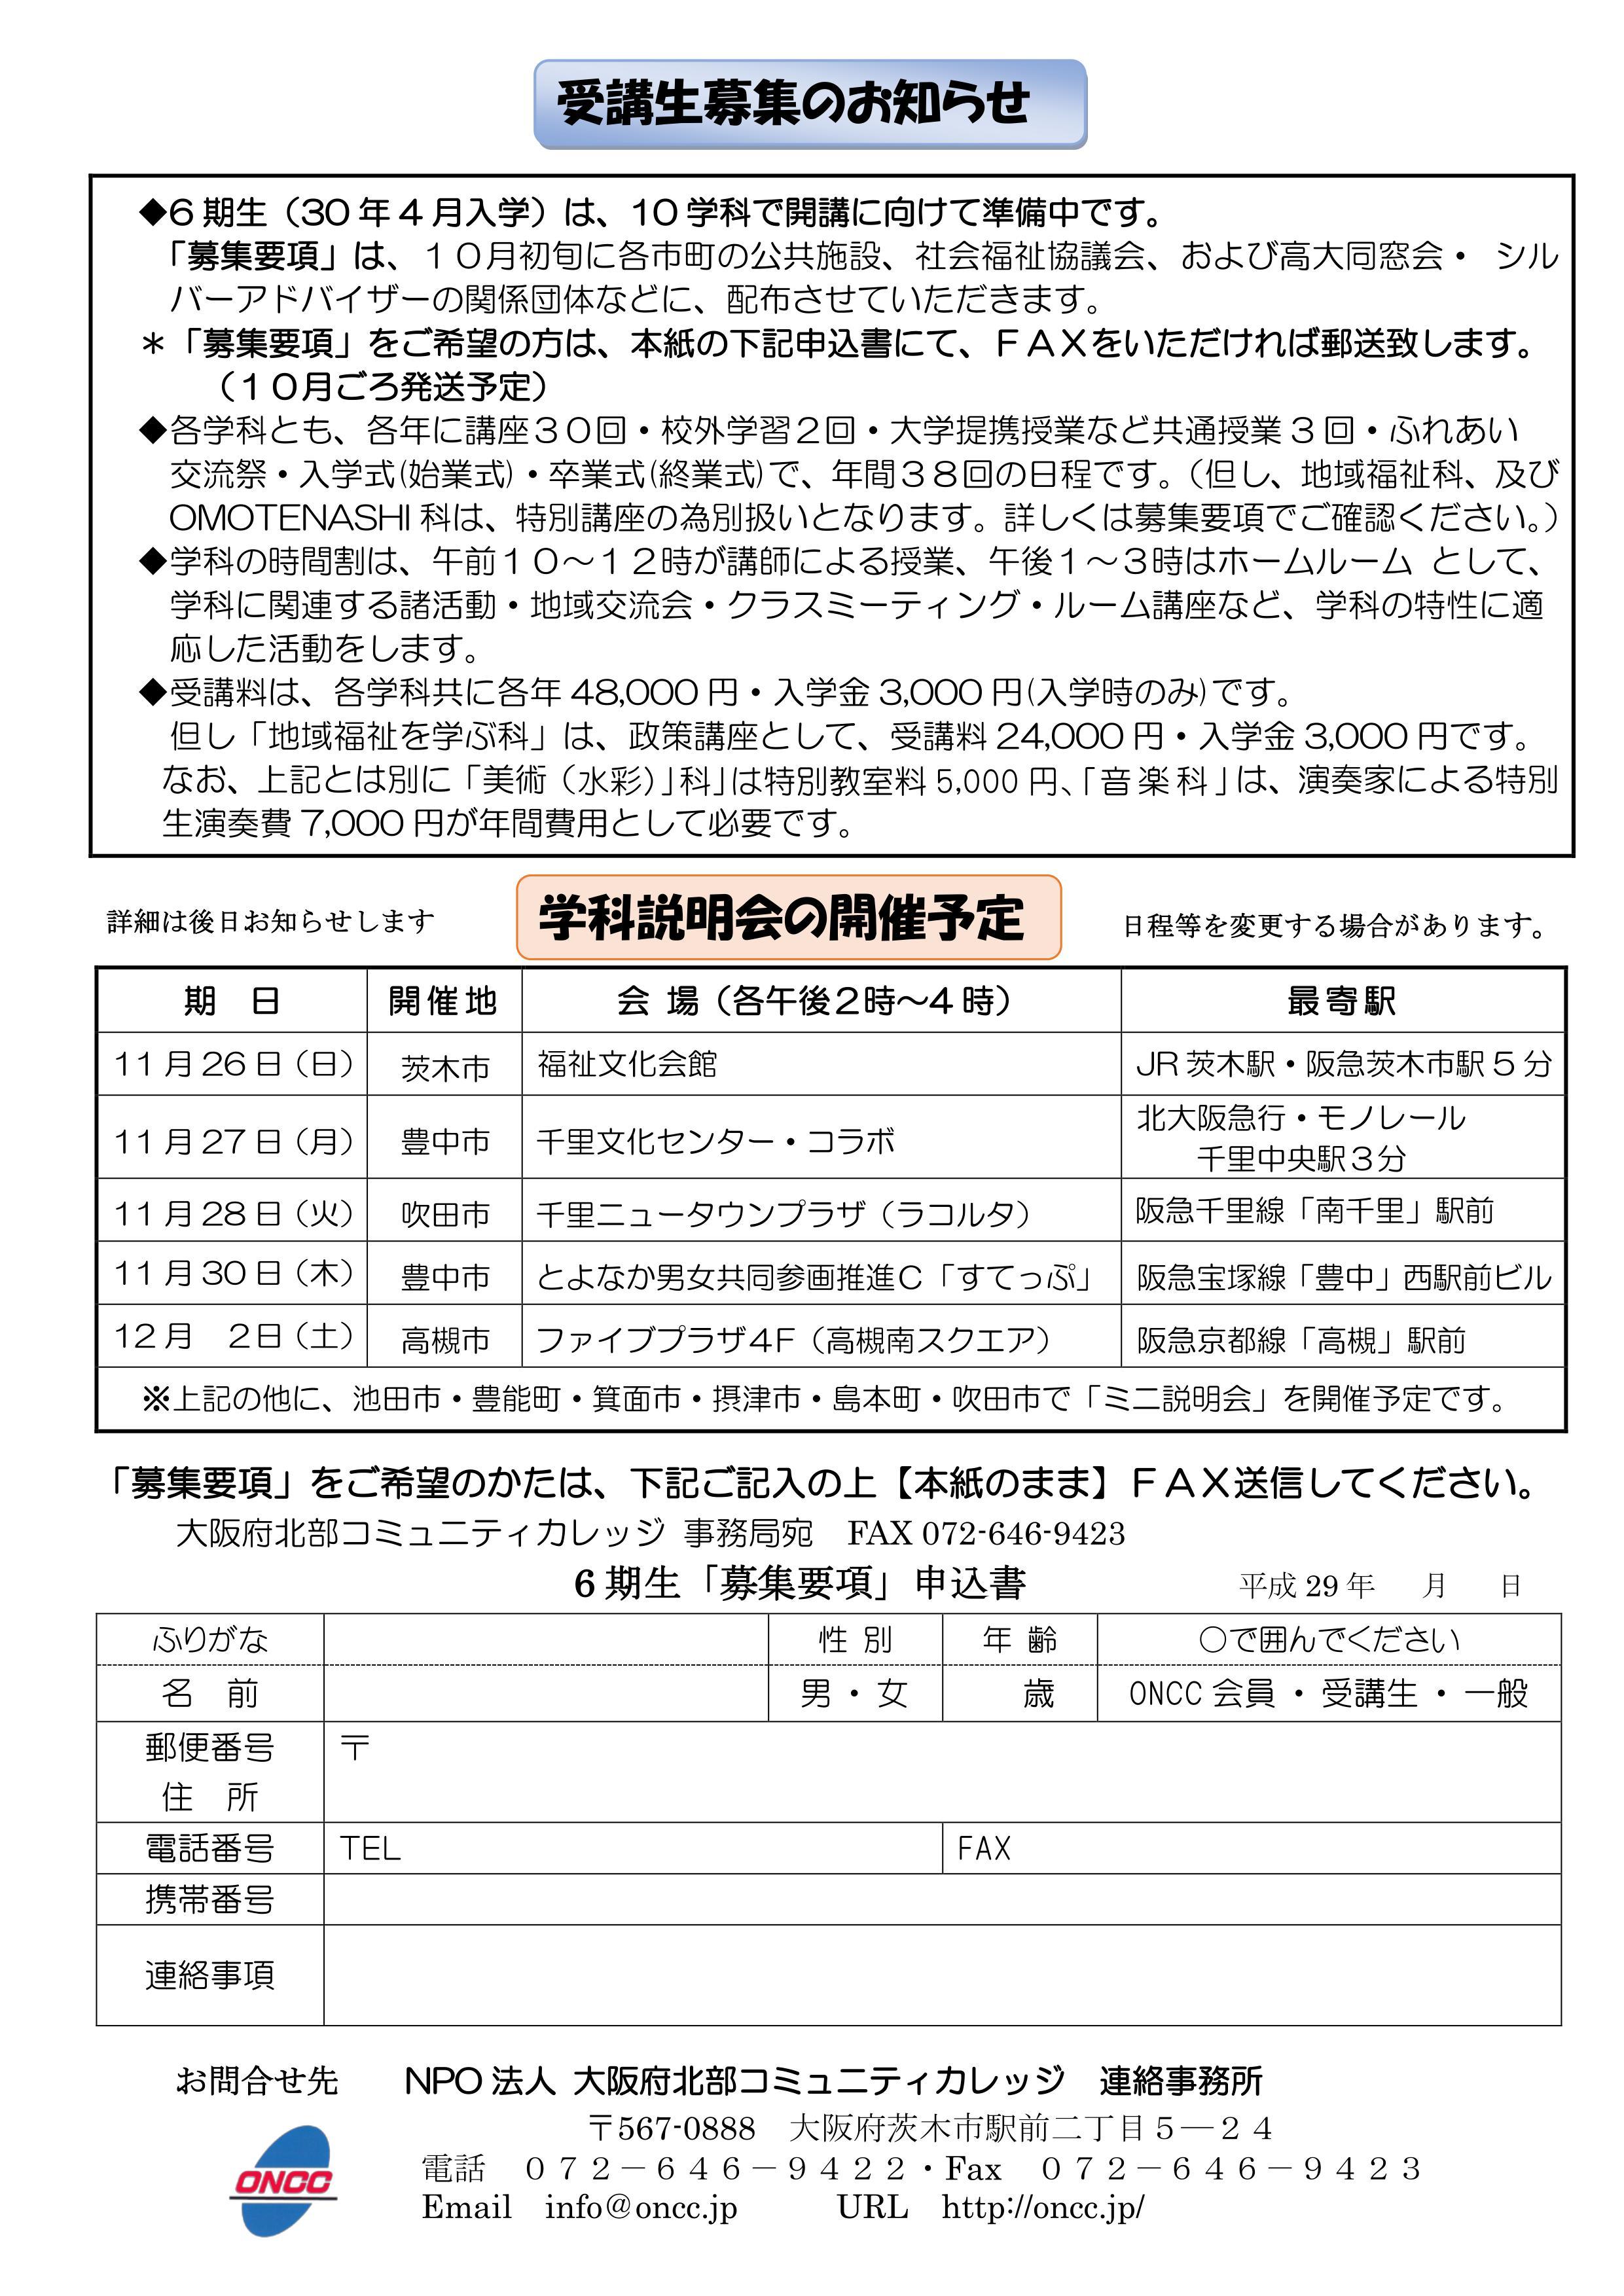 6kisei-bosyu-sokuho2_imgs-0002.jpg